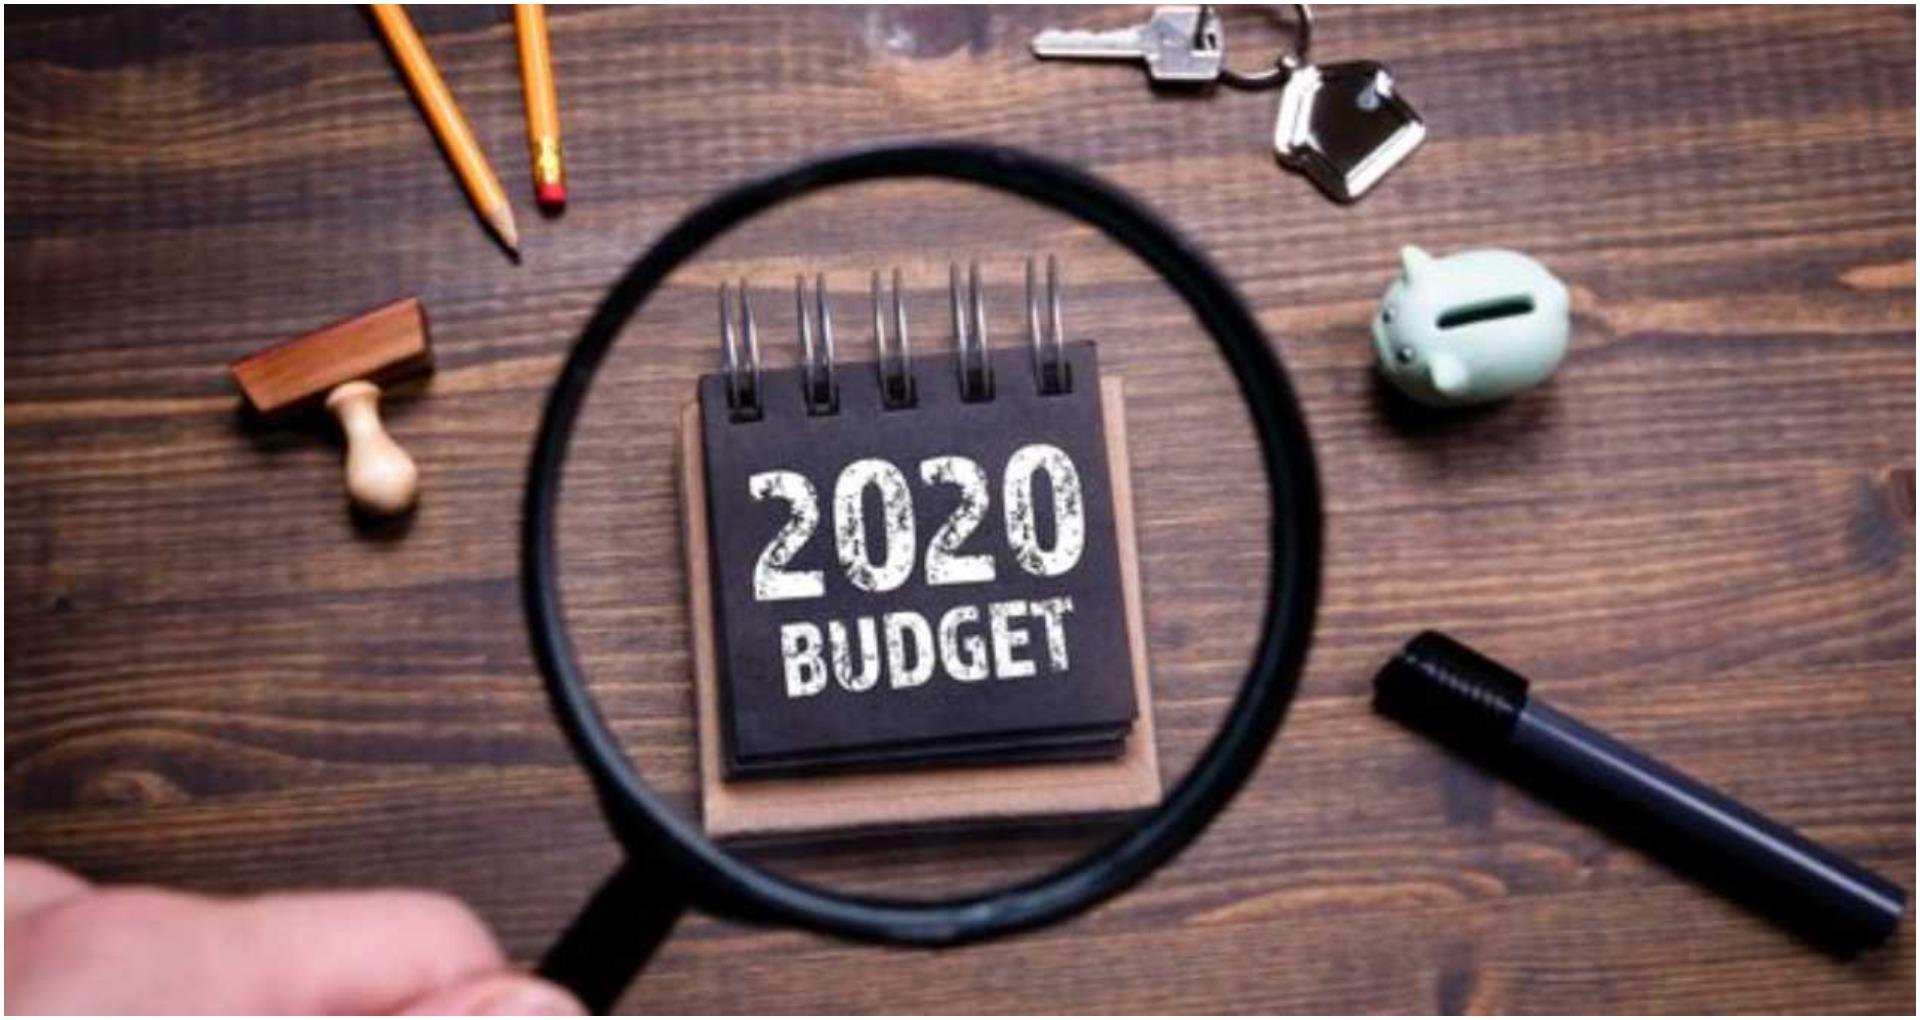 Union Budget 2020 Date: केंद्रीय बजट 2020 तारीख, समय, उम्मीद और बजट की अहम बातें